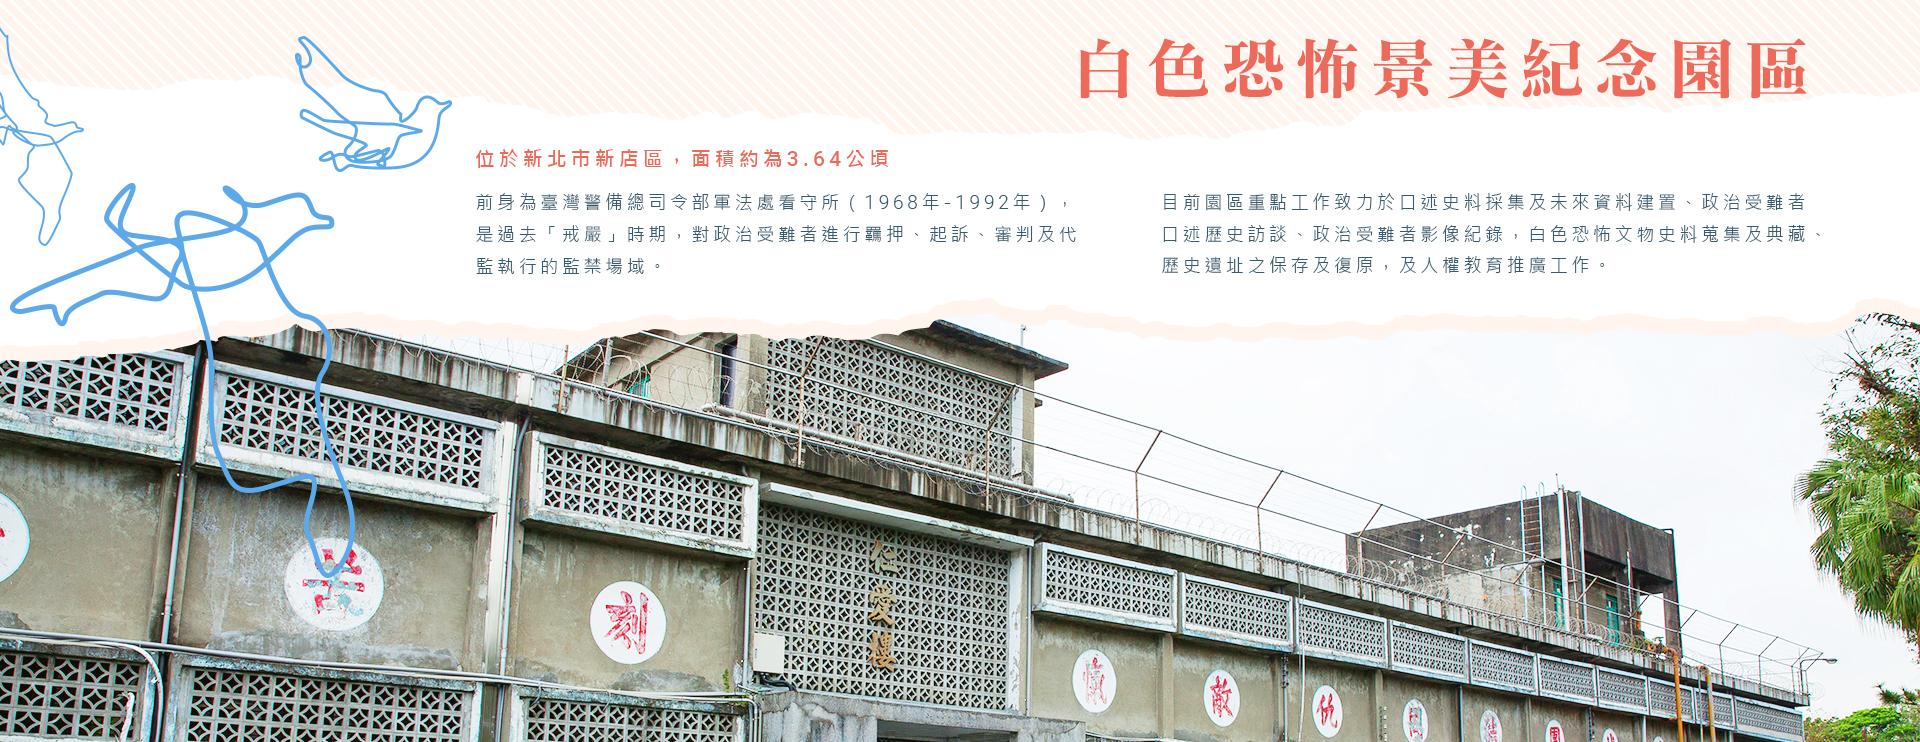 臺灣自1987年解嚴以來,隨著黨禁、報禁的解除,社會運動風起雲湧,對於各種人權議題,也開始進行投入與關注。人權館將於2018-2019年,規劃10場現代人權講座,聚焦《世界人權宣言》及兩公約中所提及的多元人權議題為講座主題,除觸及各種人權主題,並反思當代台灣尚待正視的人權議題。